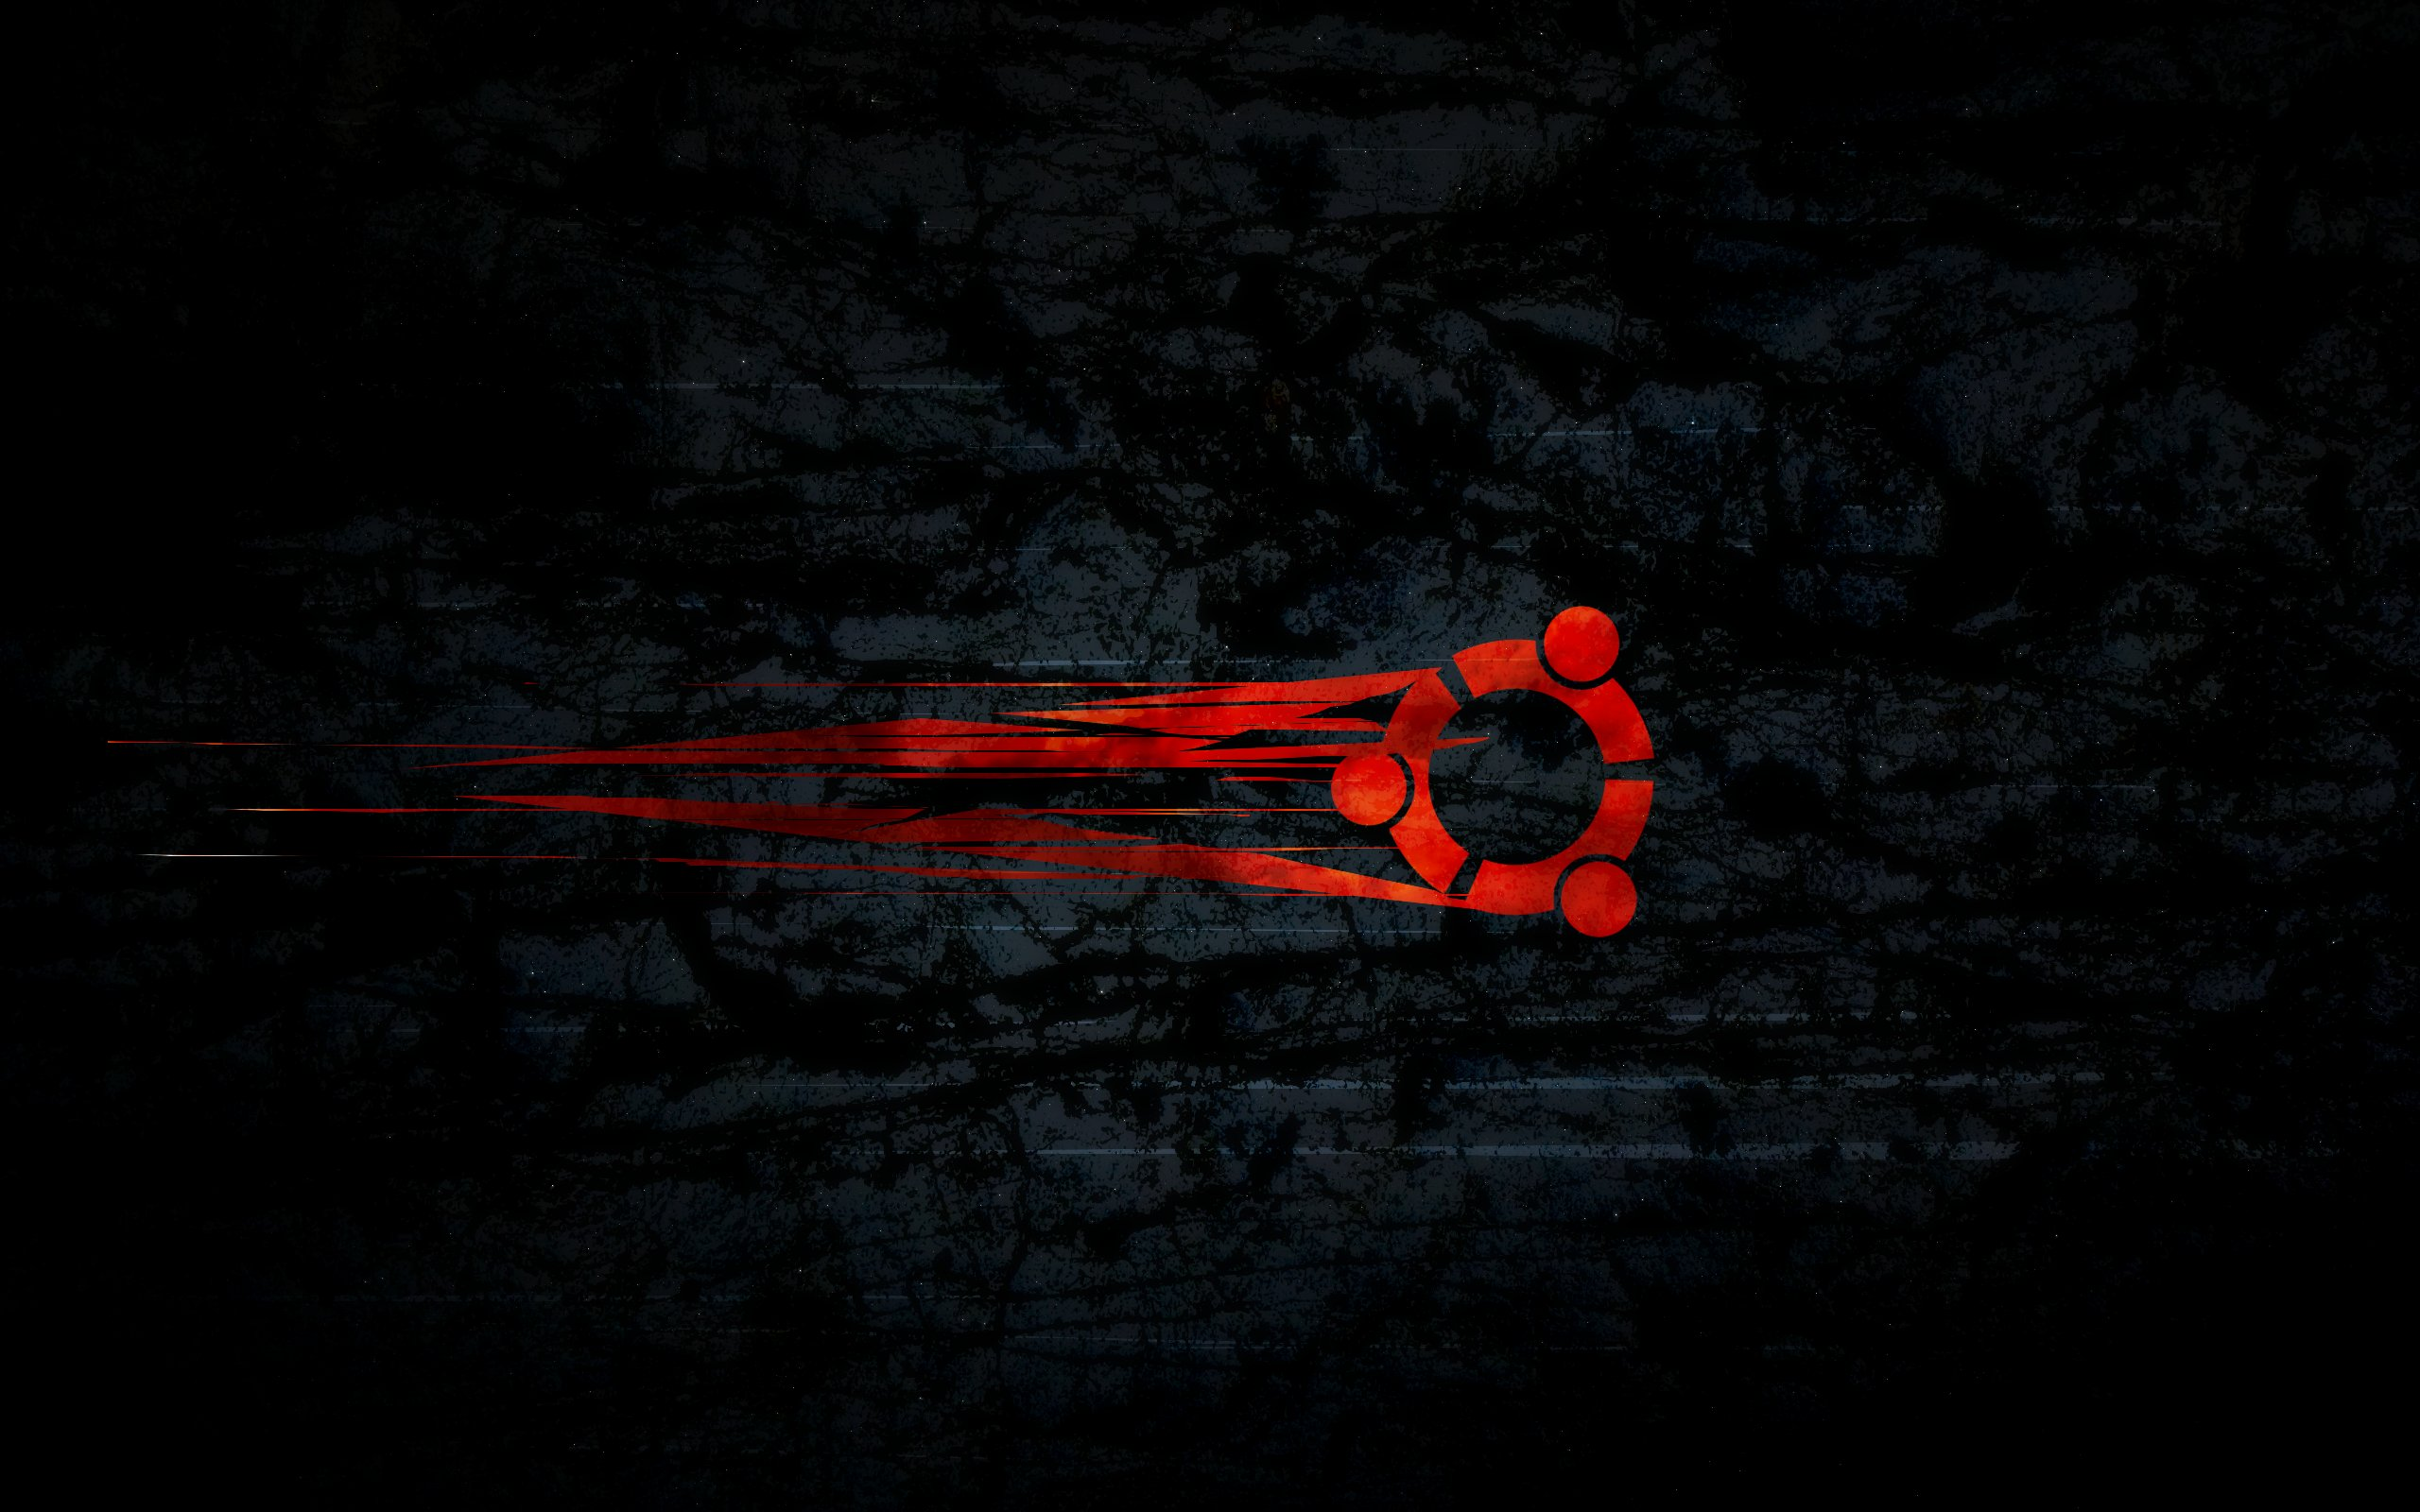 Black and Red 4K Wallpaper - WallpaperSafari